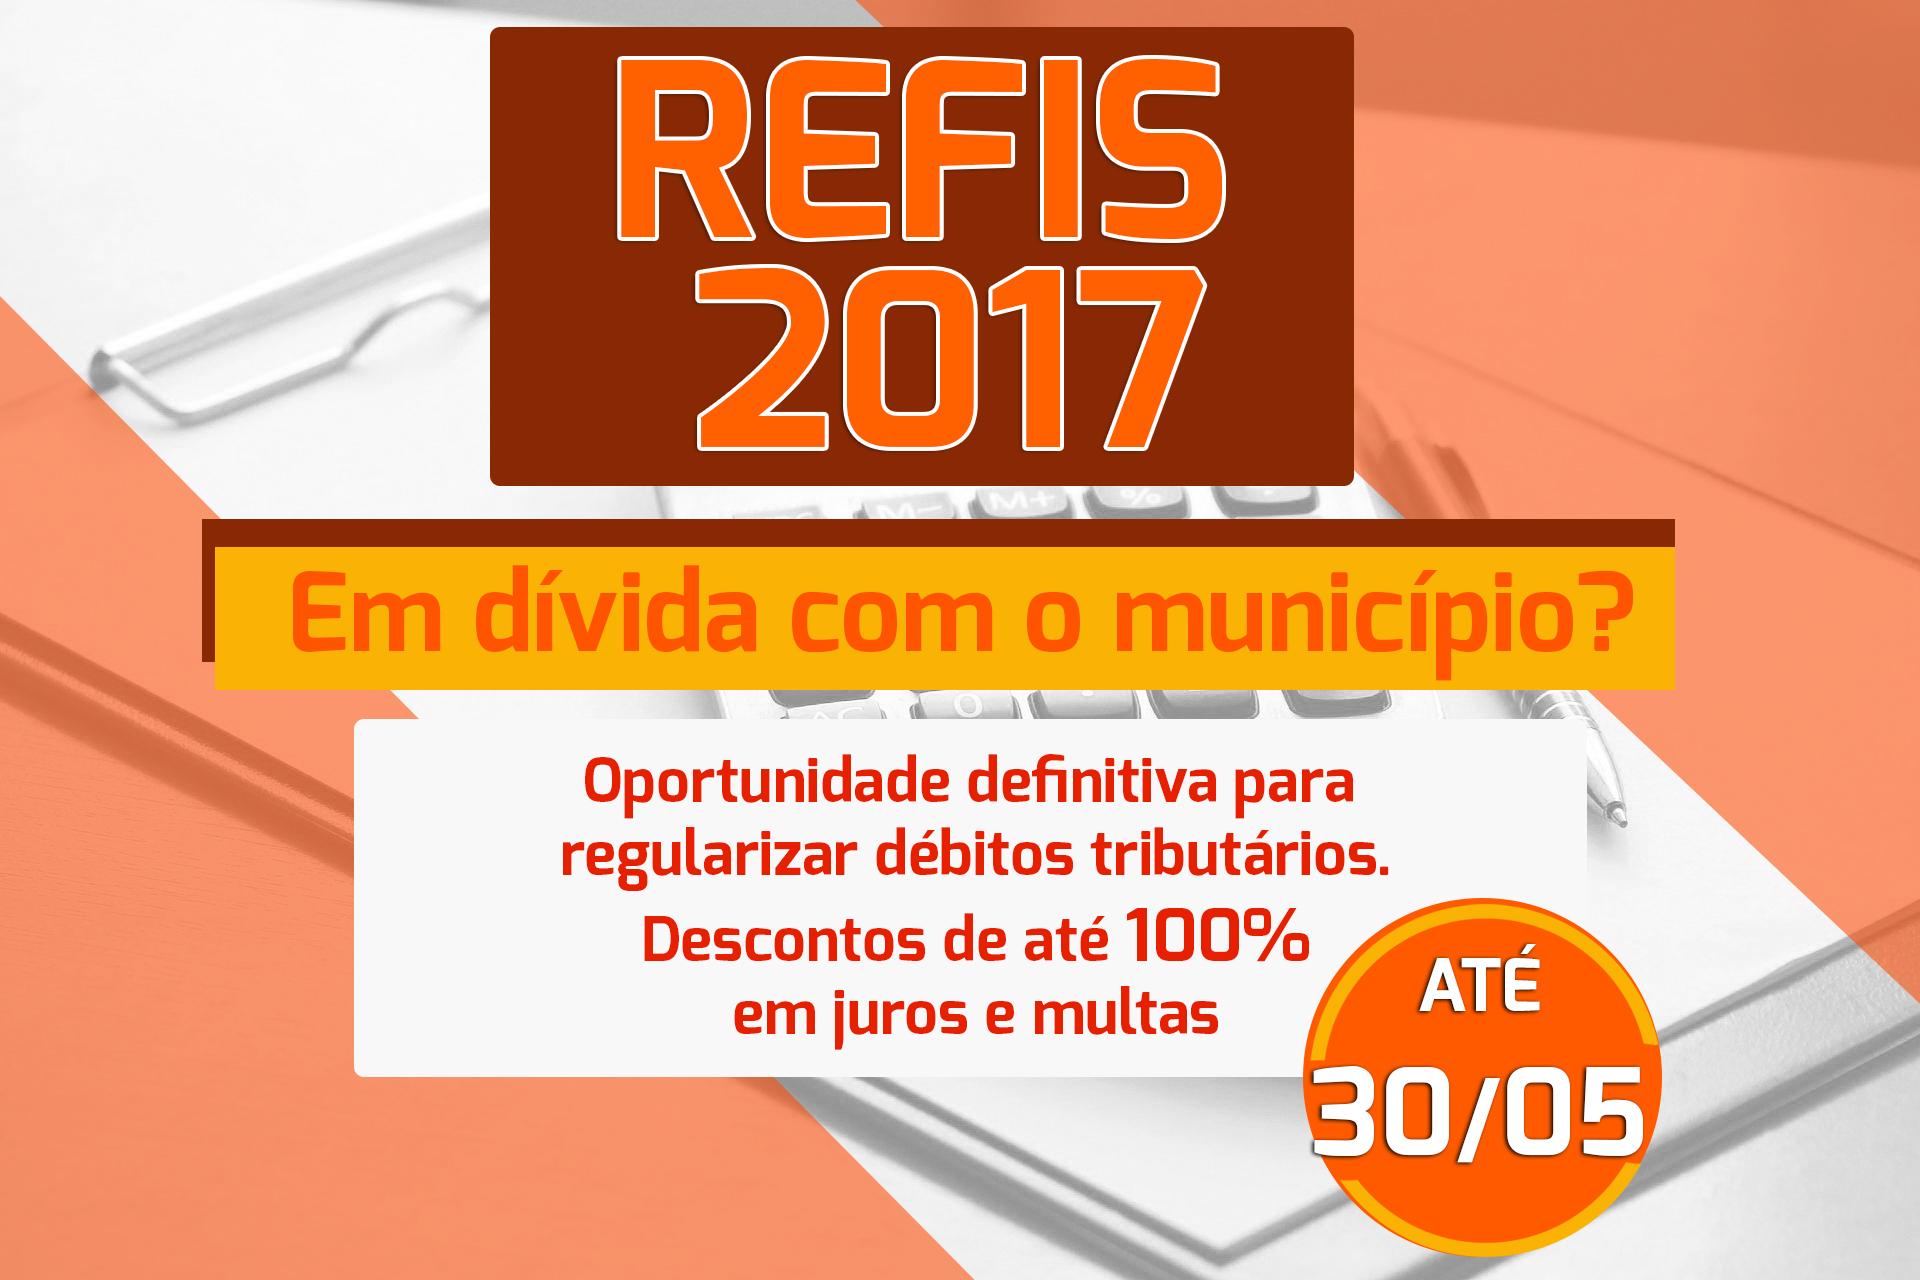 refis-2017